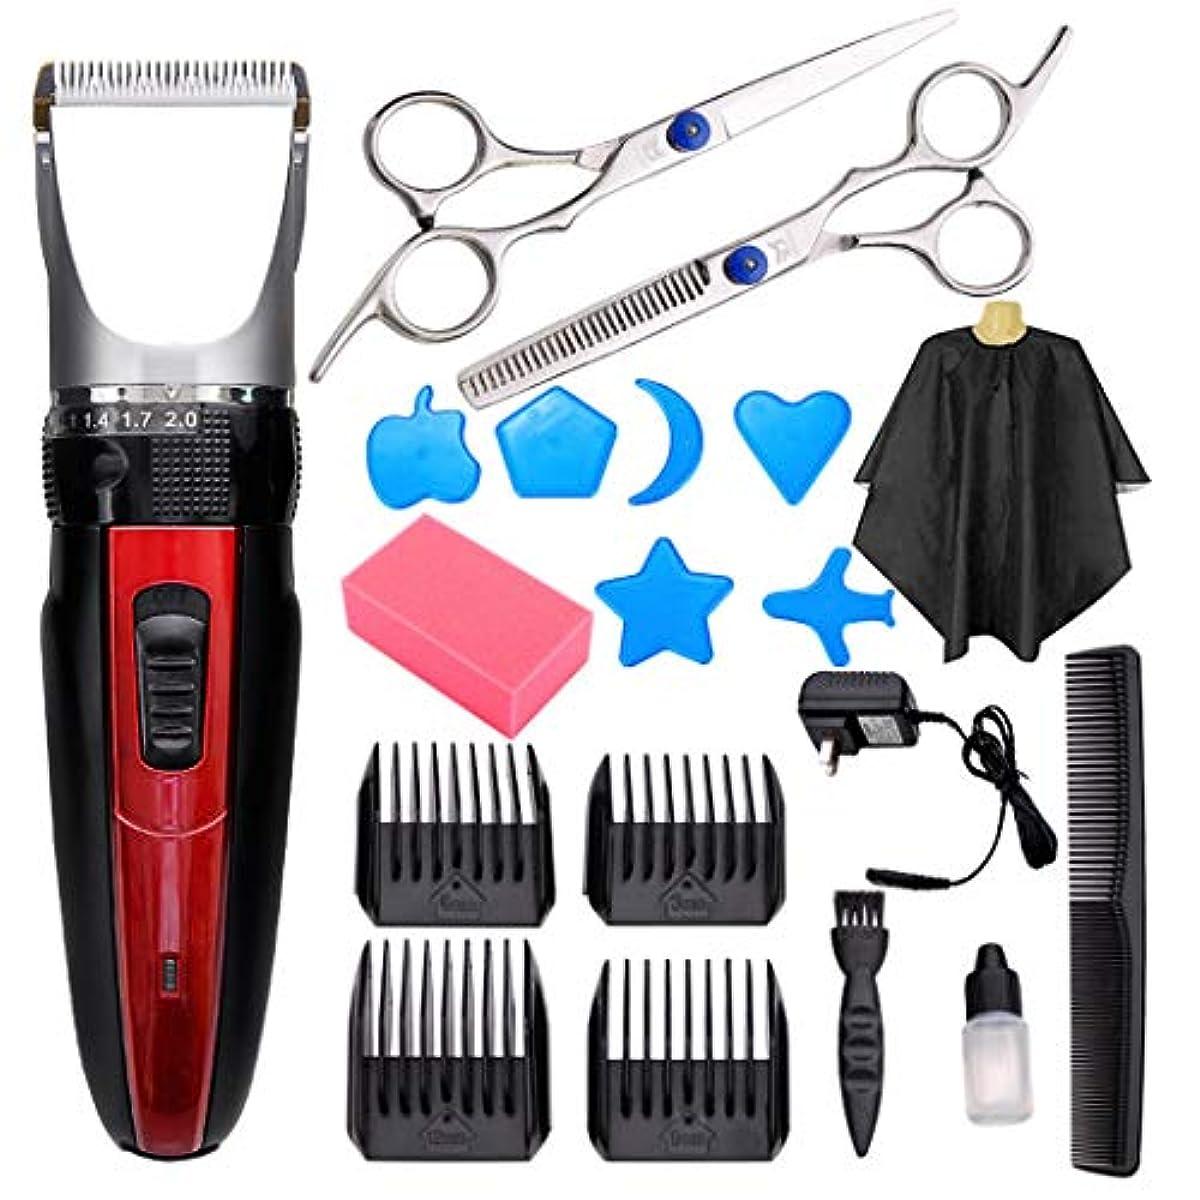 聖職者クレデンシャル困惑する男性のバリカン、毎日の家の毛の切断の使用のためのシェーバーの充電のヘアカットの必要なクリーニング-red